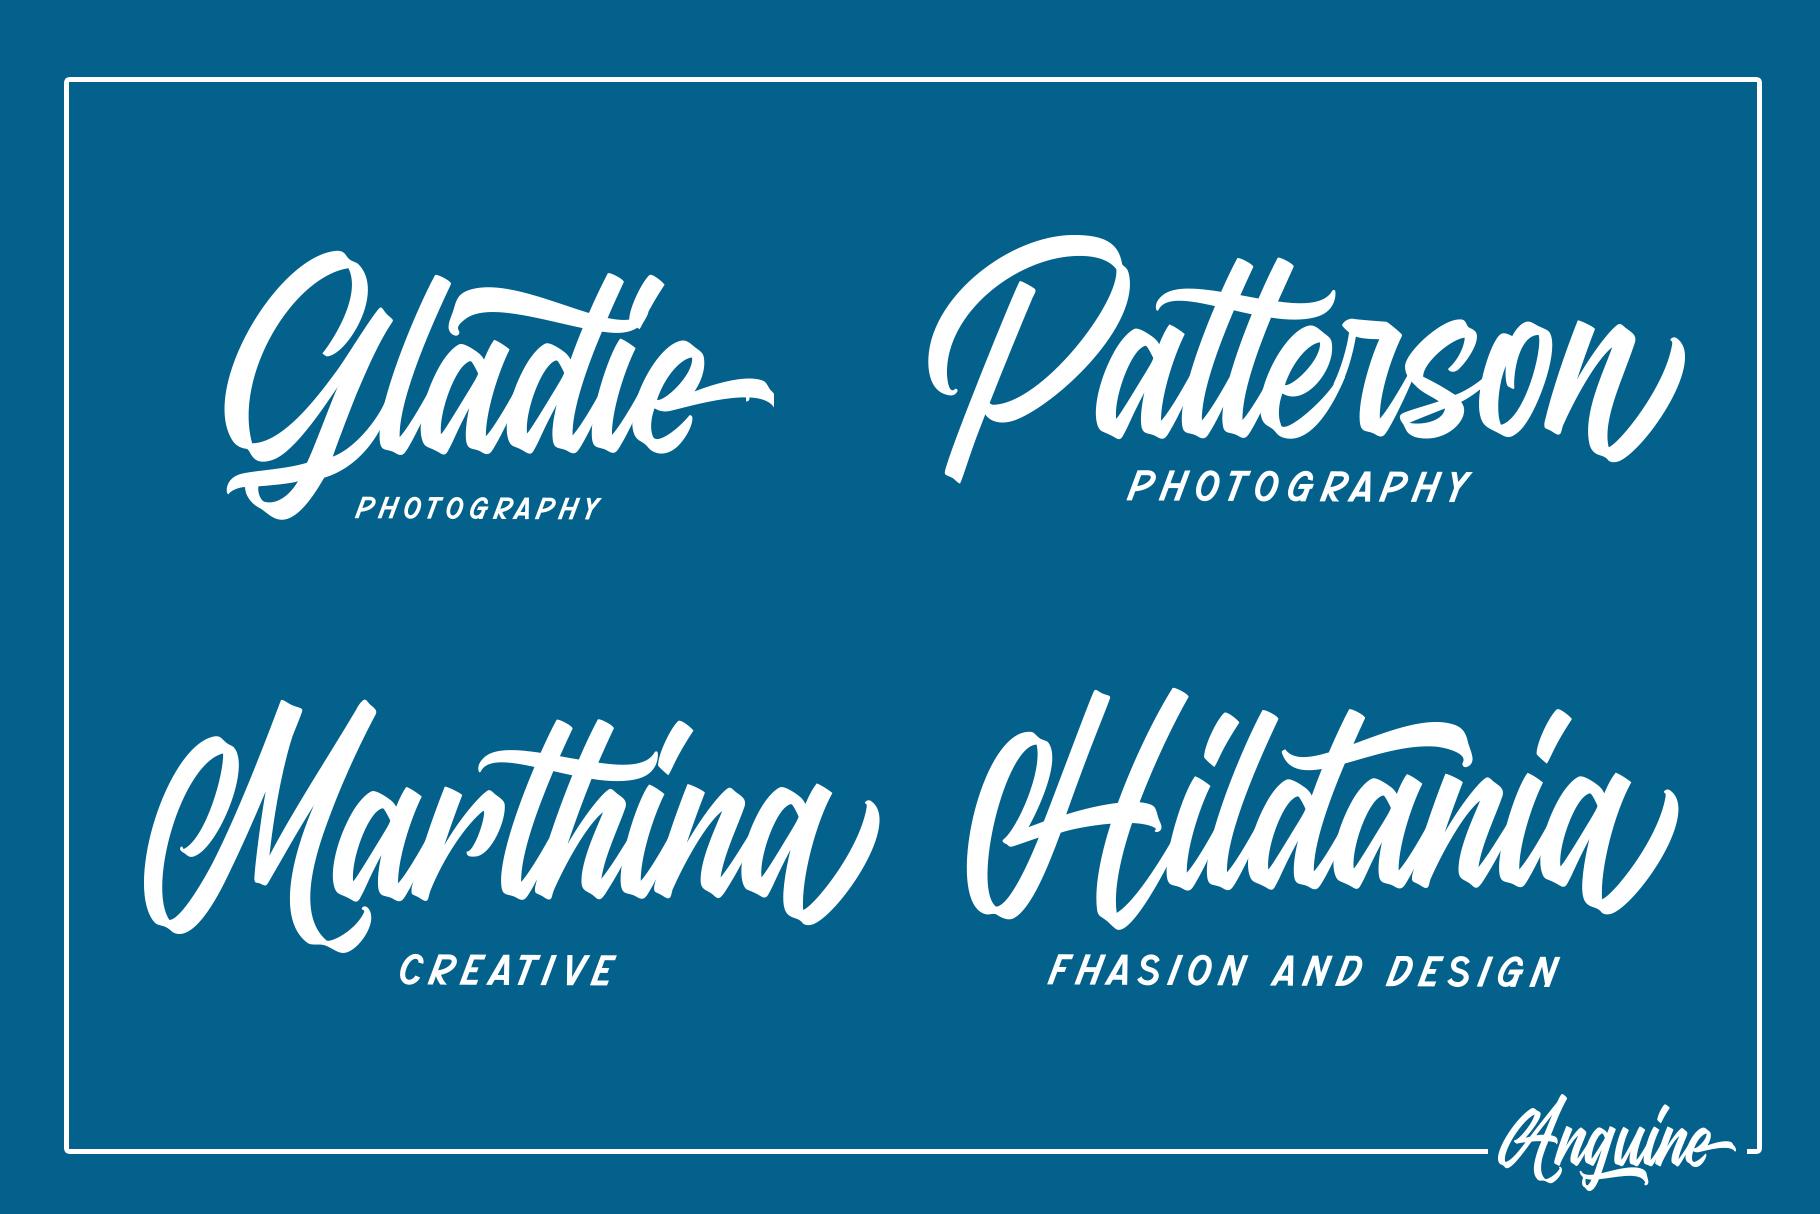 Anguine - Stylish Typeface example image 5